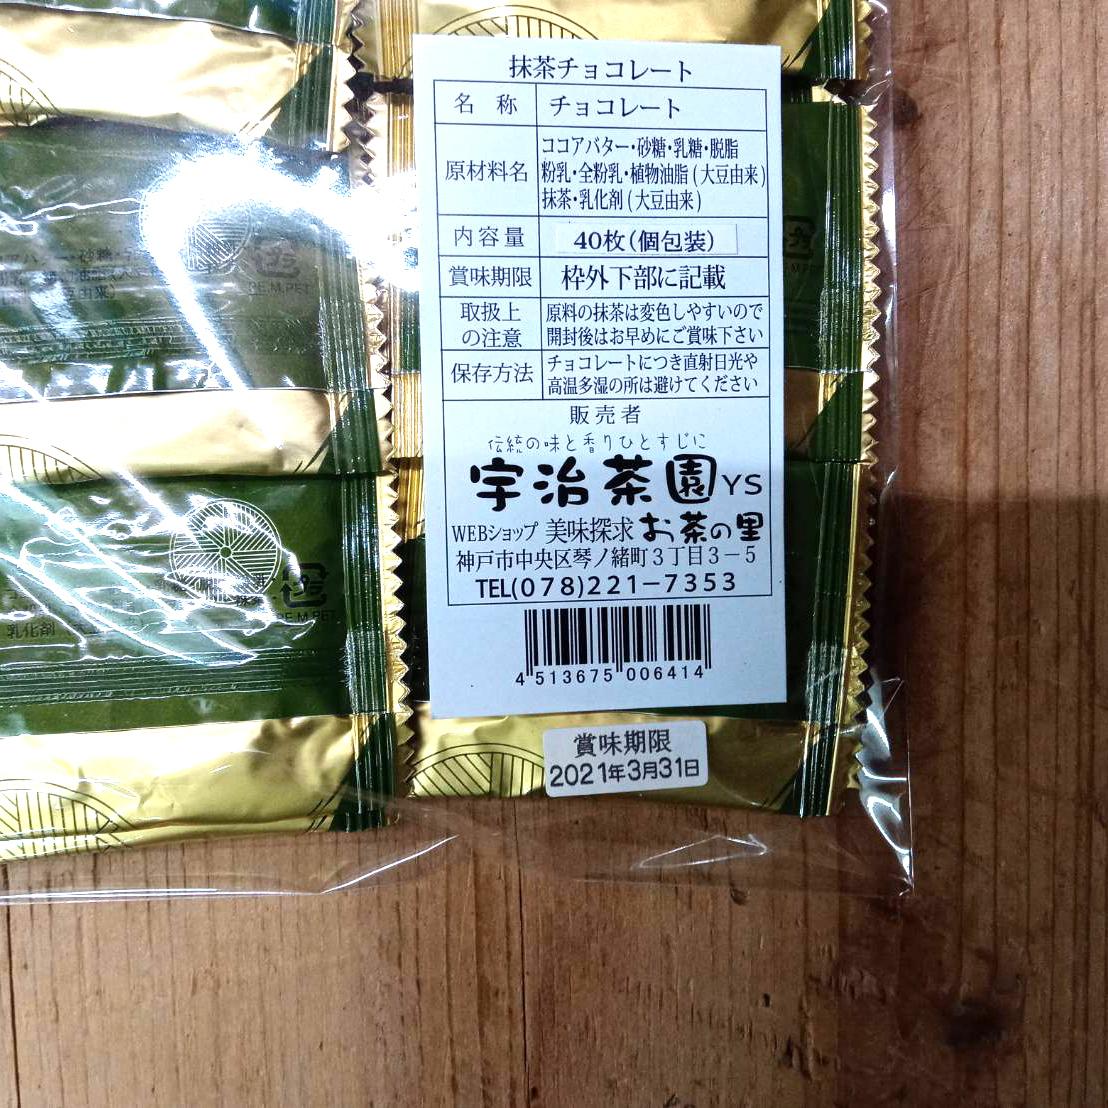 【お徳用】高級抹茶チョコレート(個包装40枚入り)京都宇治産の高級抹茶使用_画像6